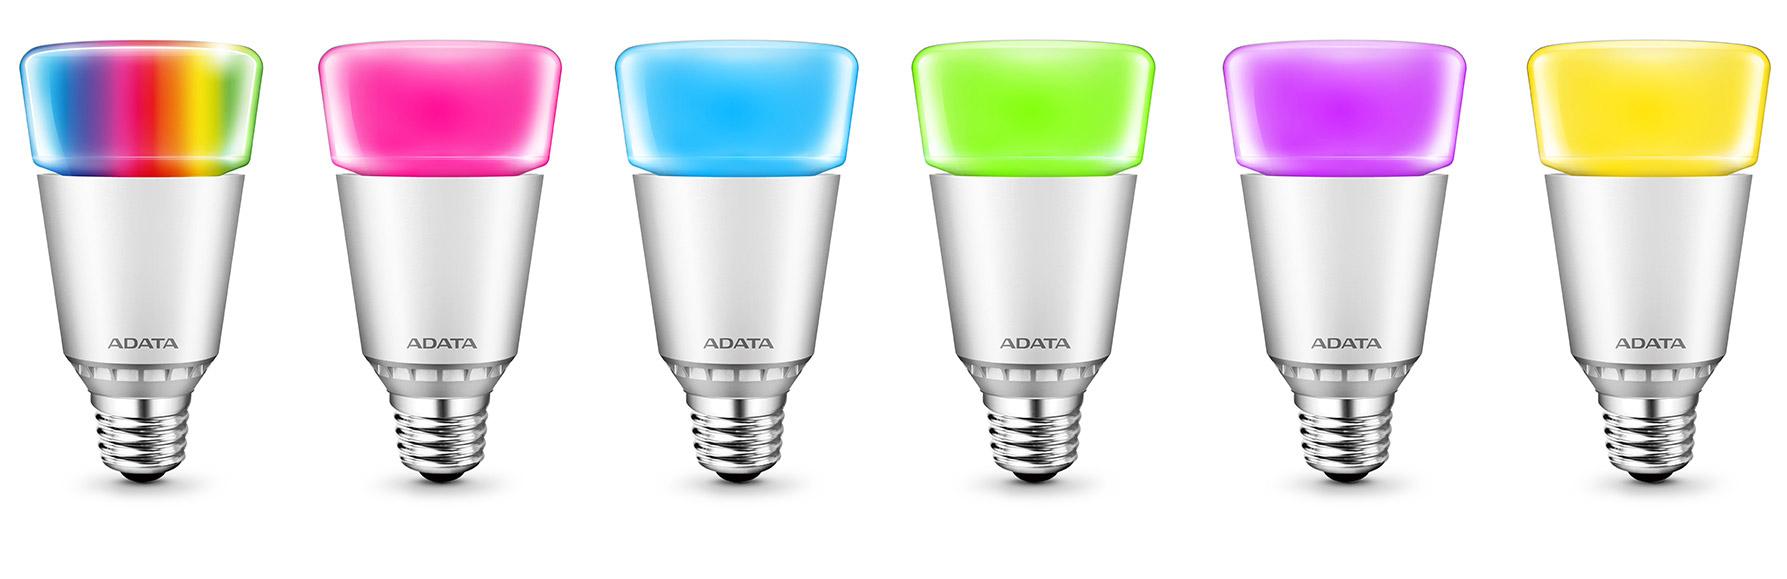 Adata Launches 16 Million Color Aura Led Bulb Legit Reviews